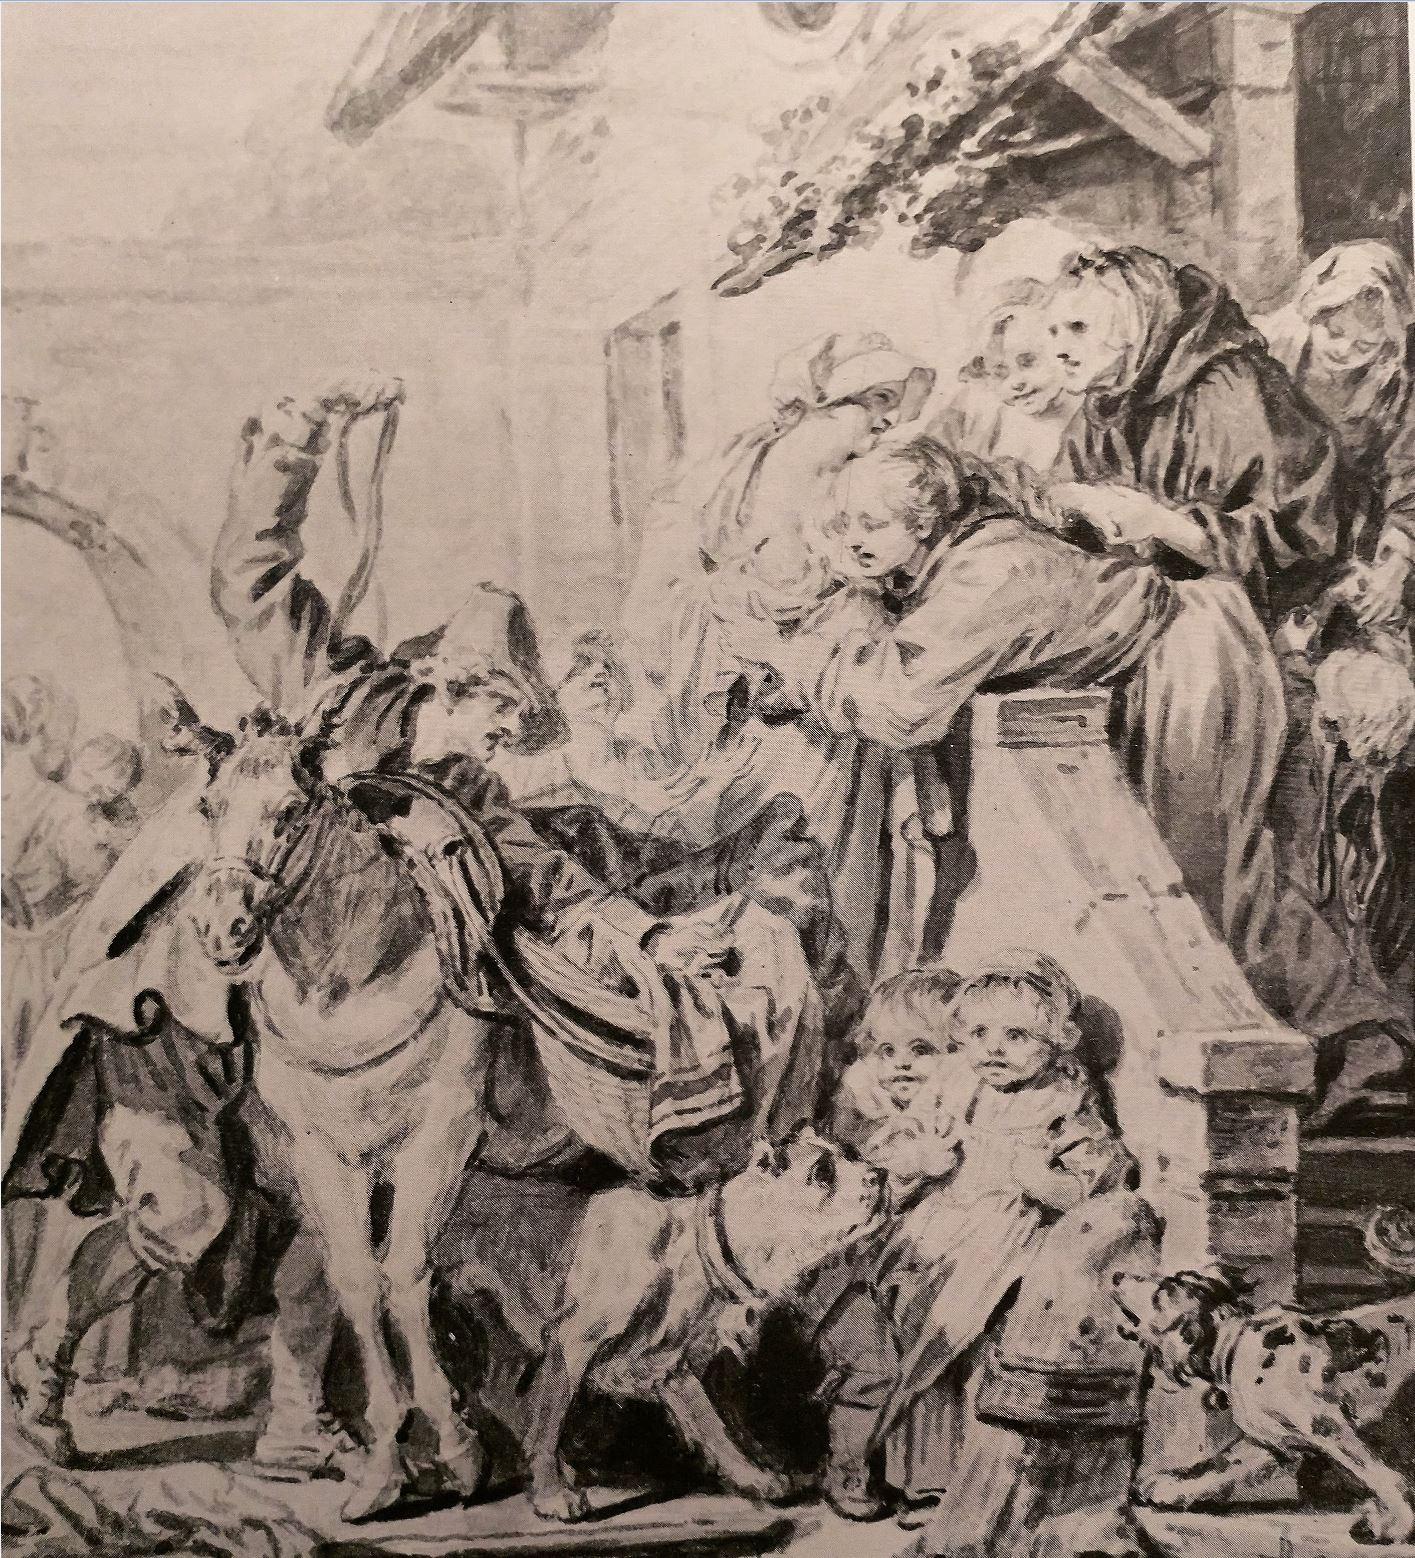 Greuze 1767 Le depart en nourrice anciennement Simon Norton Foundation